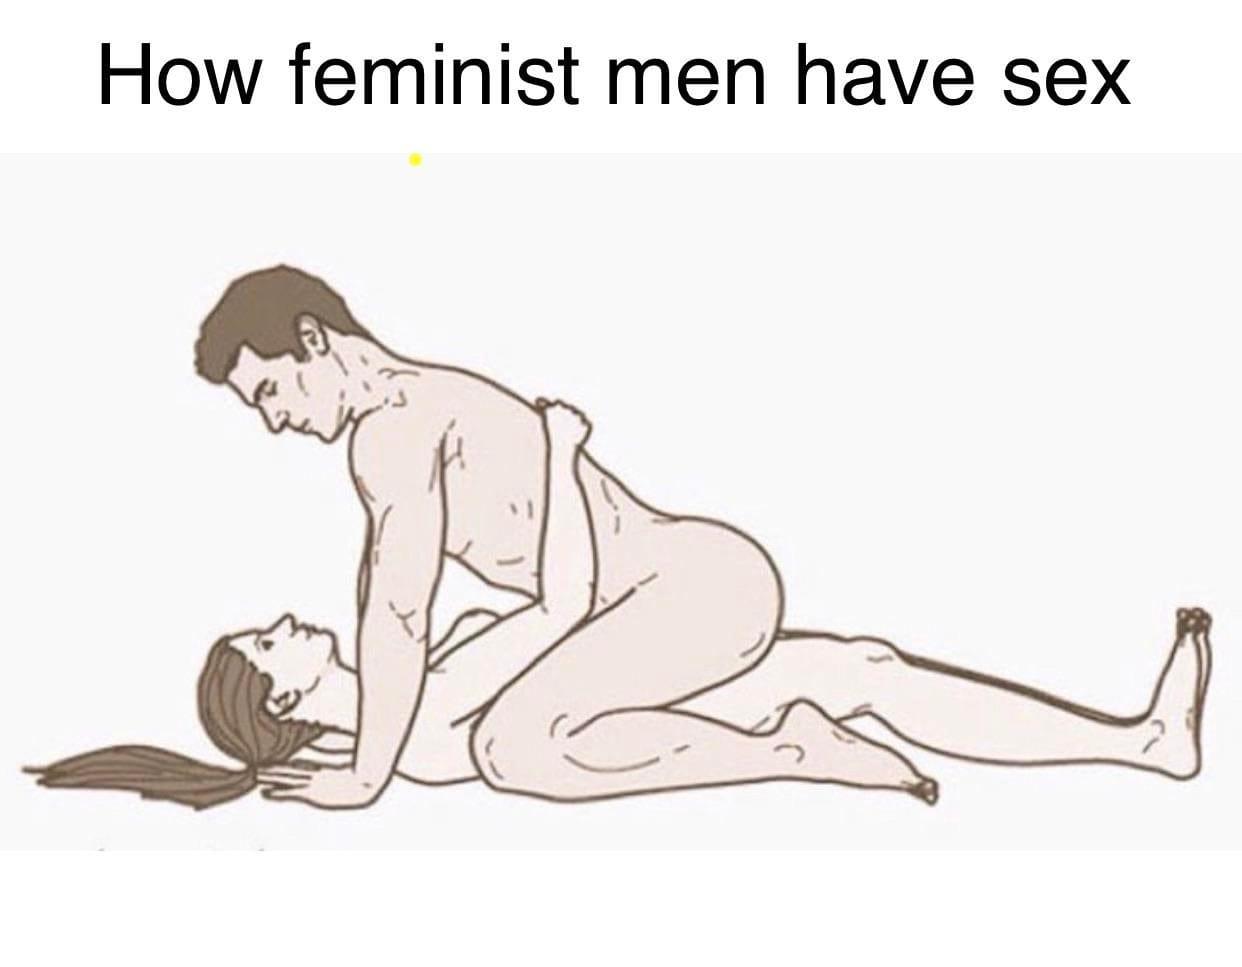 How feminist men have sex